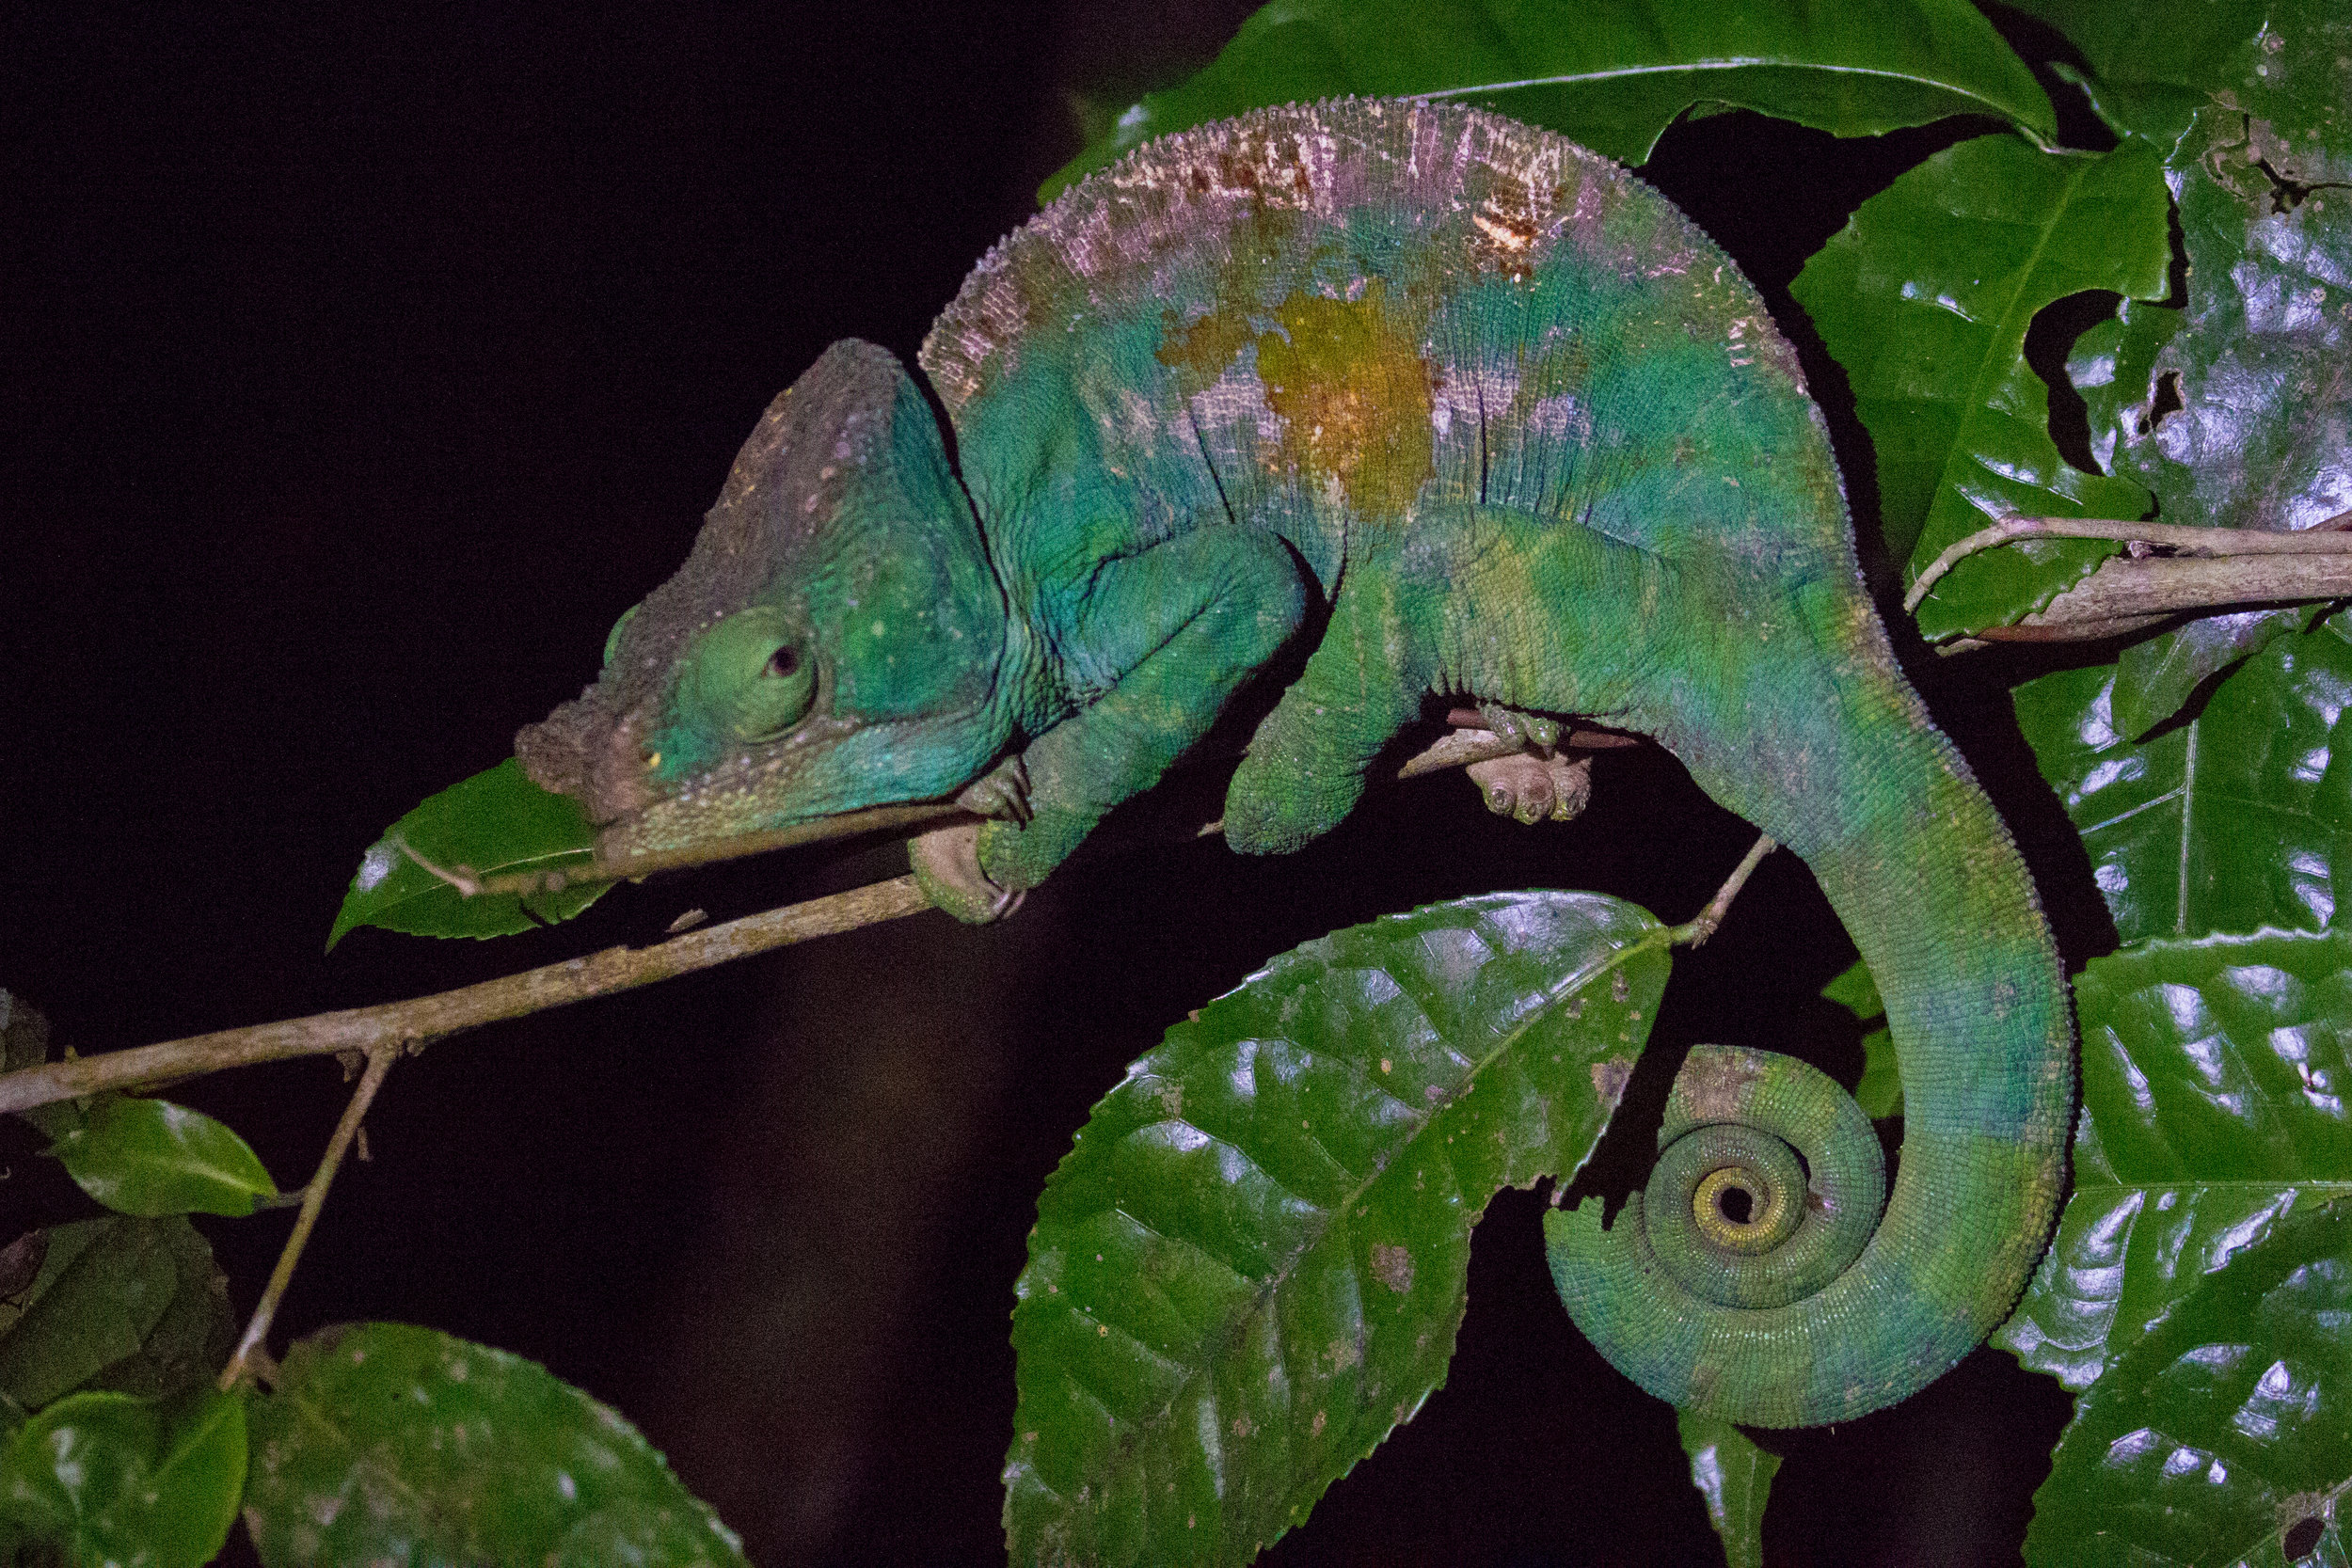 Chameleon at night-2.jpg